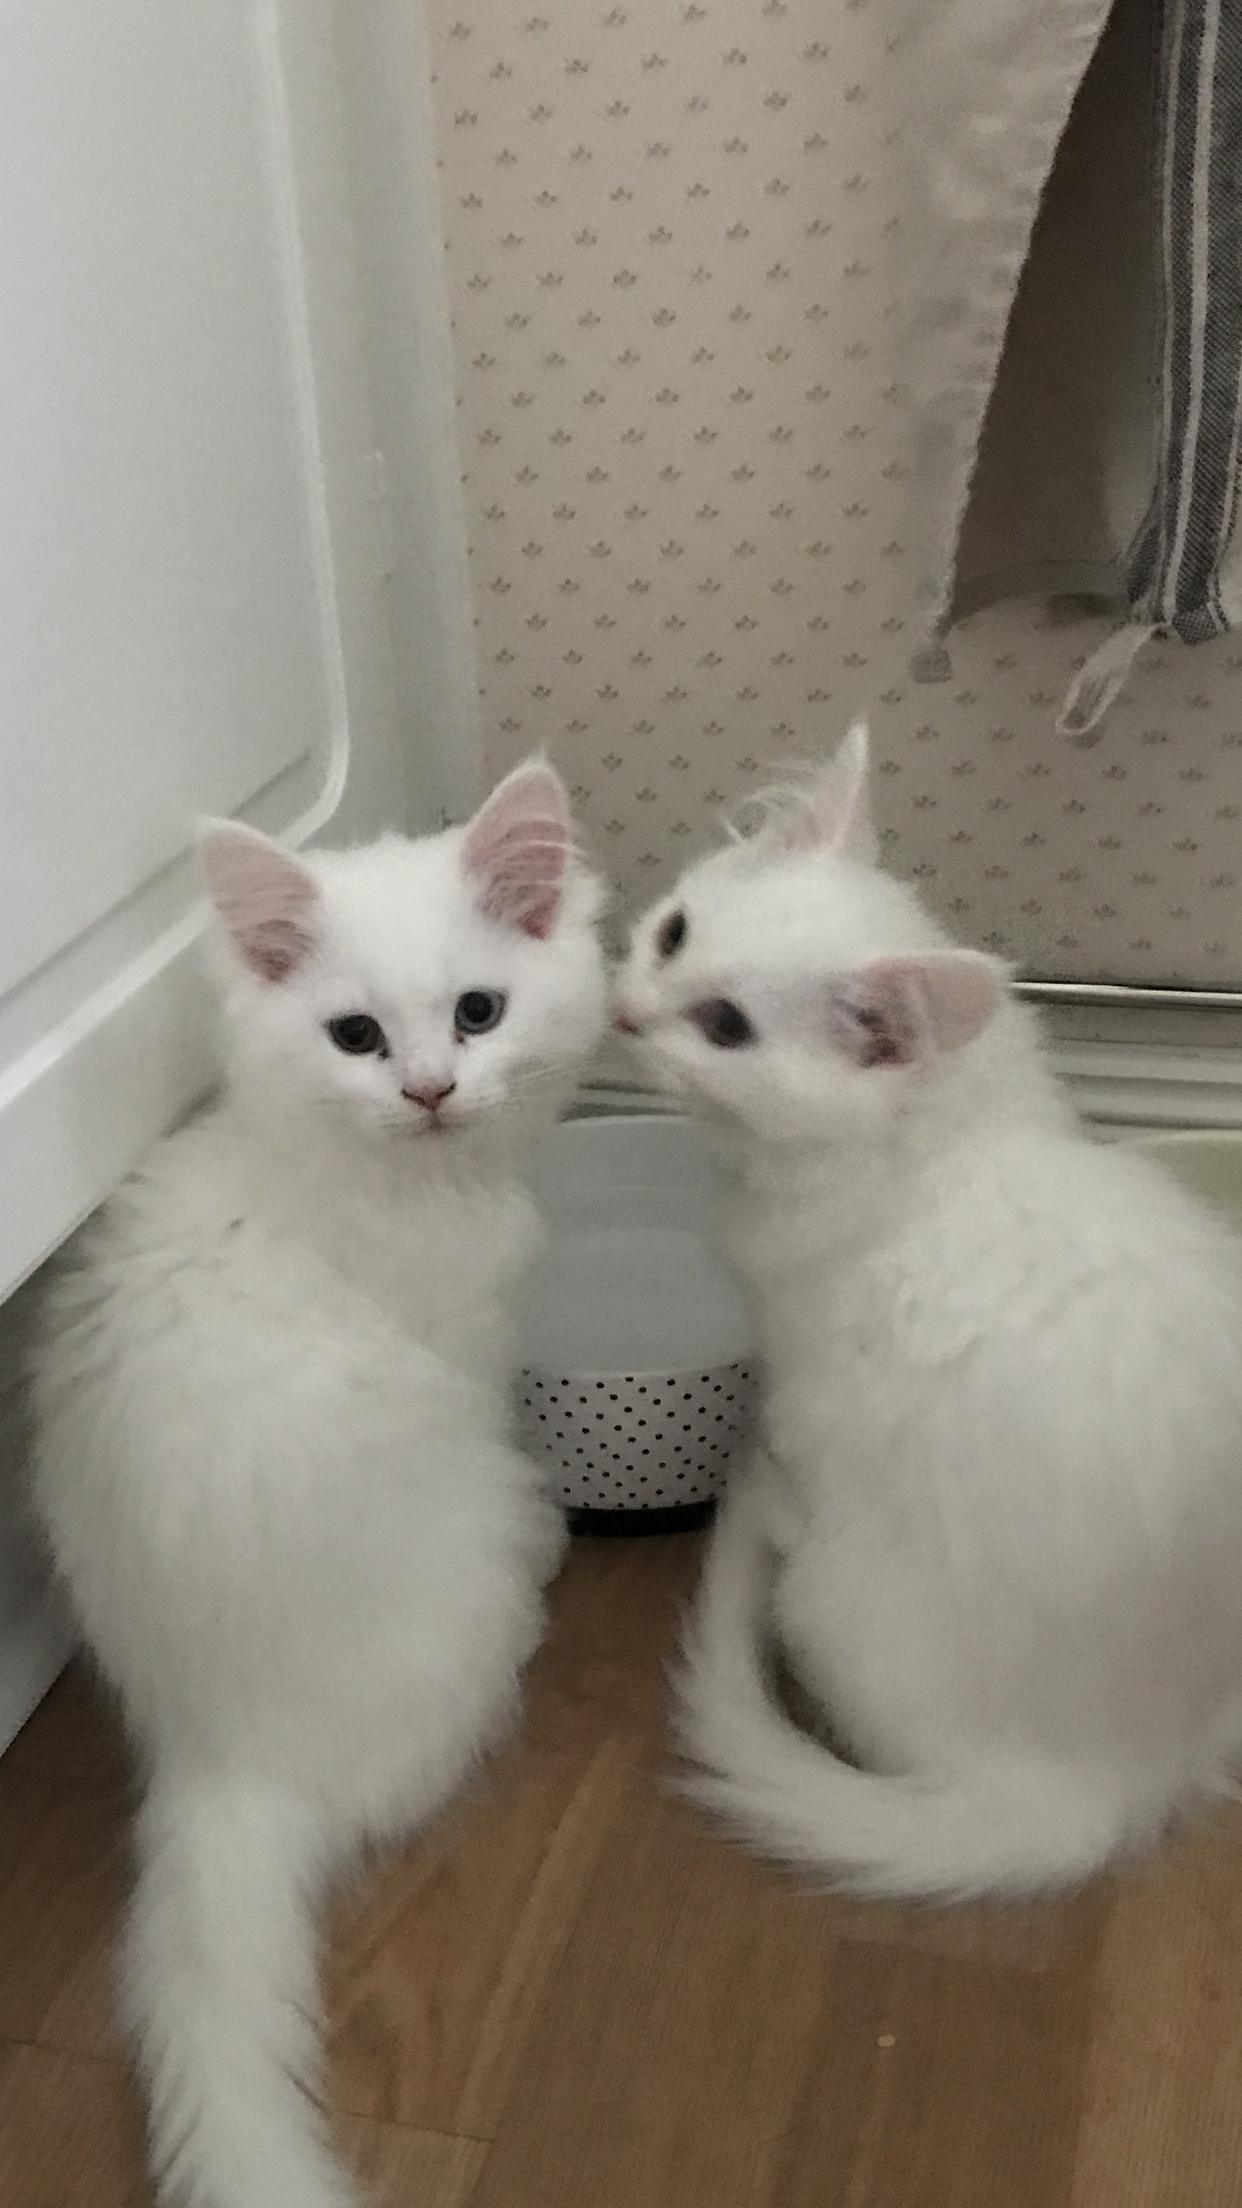 Pretty White Kittens Pretty Cats Kittens White Kittens